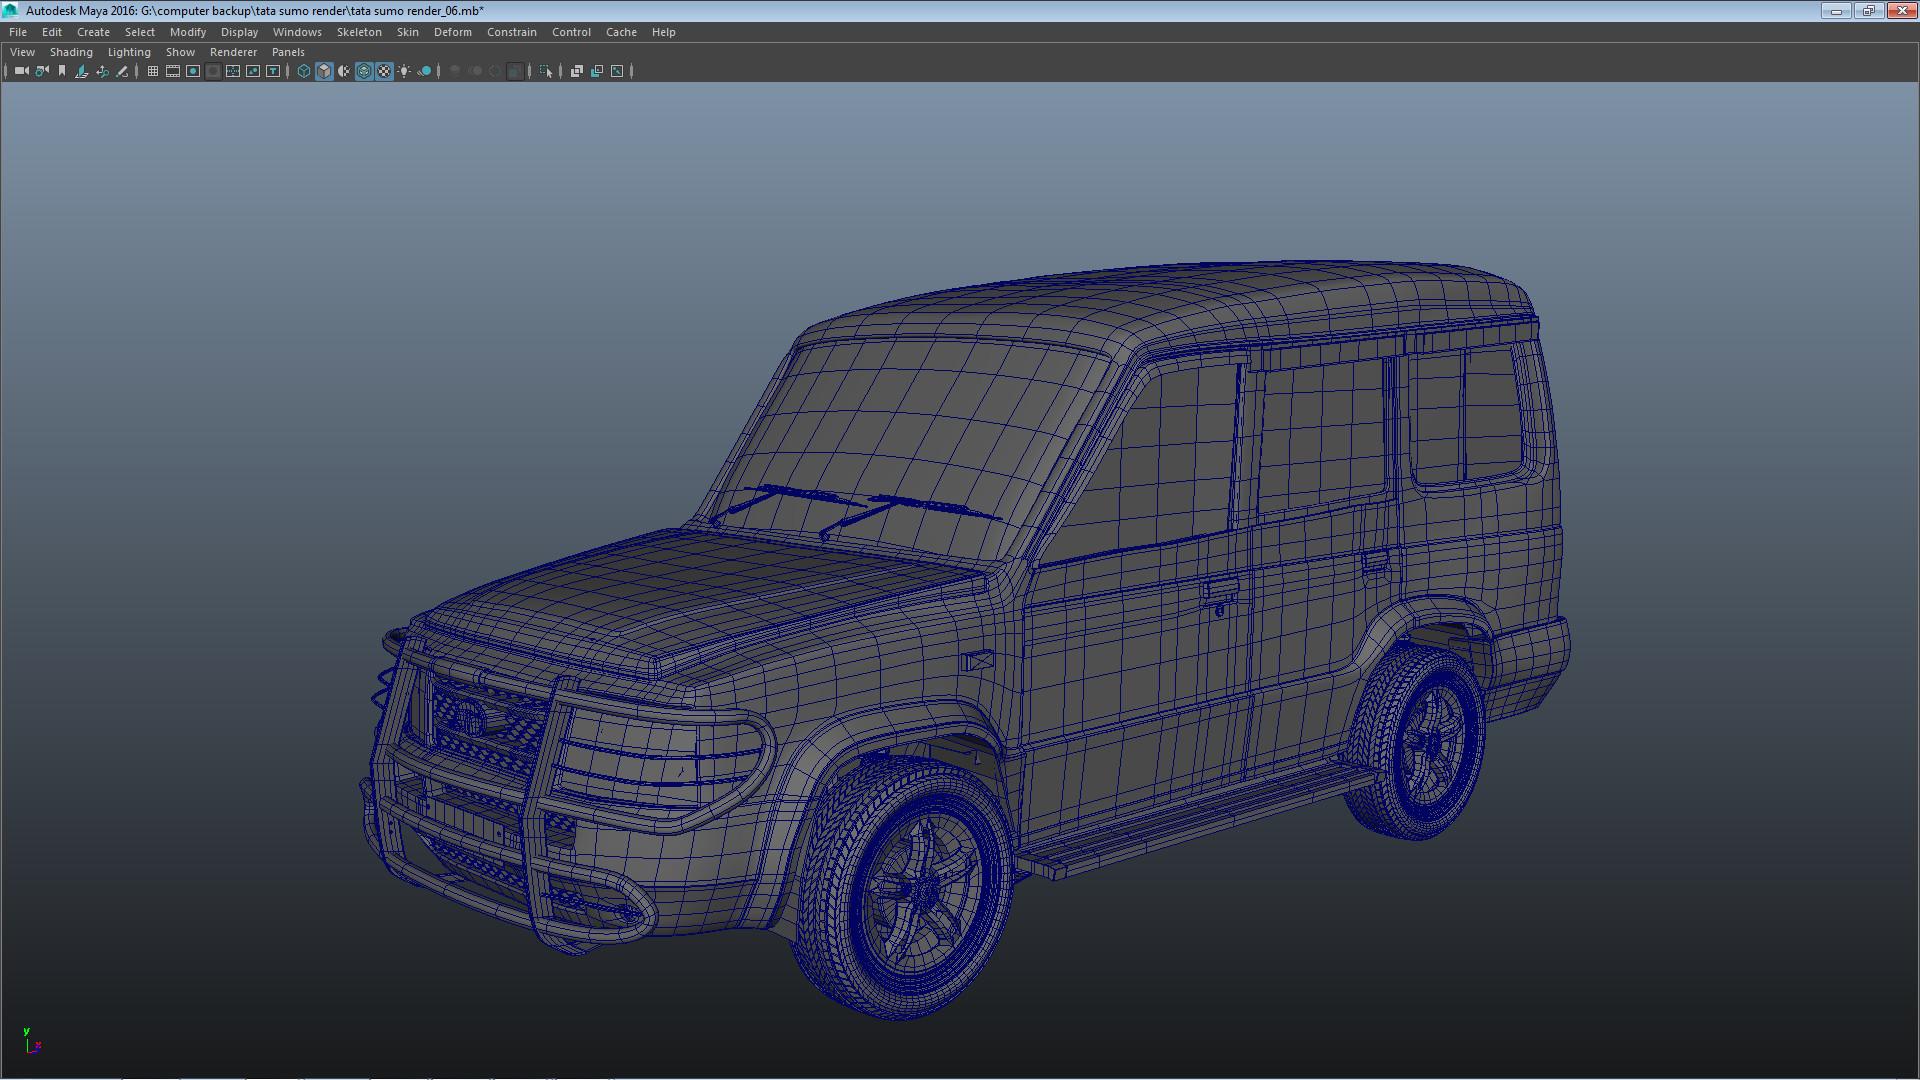 ArtStation - Sumo 3D Car Model, , online3darts classes